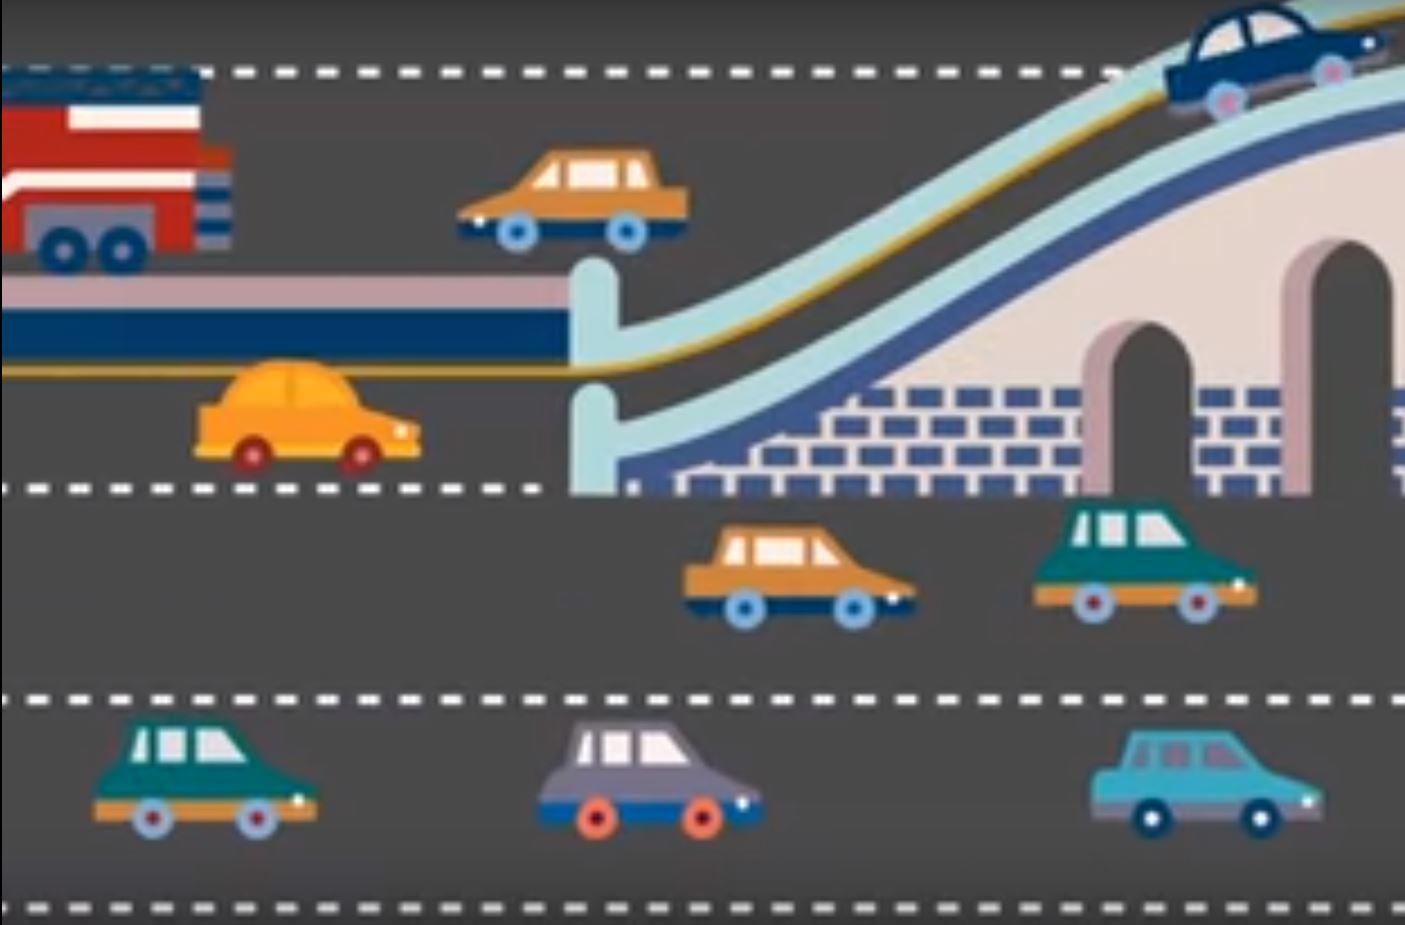 Создание сети подключенных и автономных автомобилей позволит значительно повысить пропускную способность и безопасность современных авто.